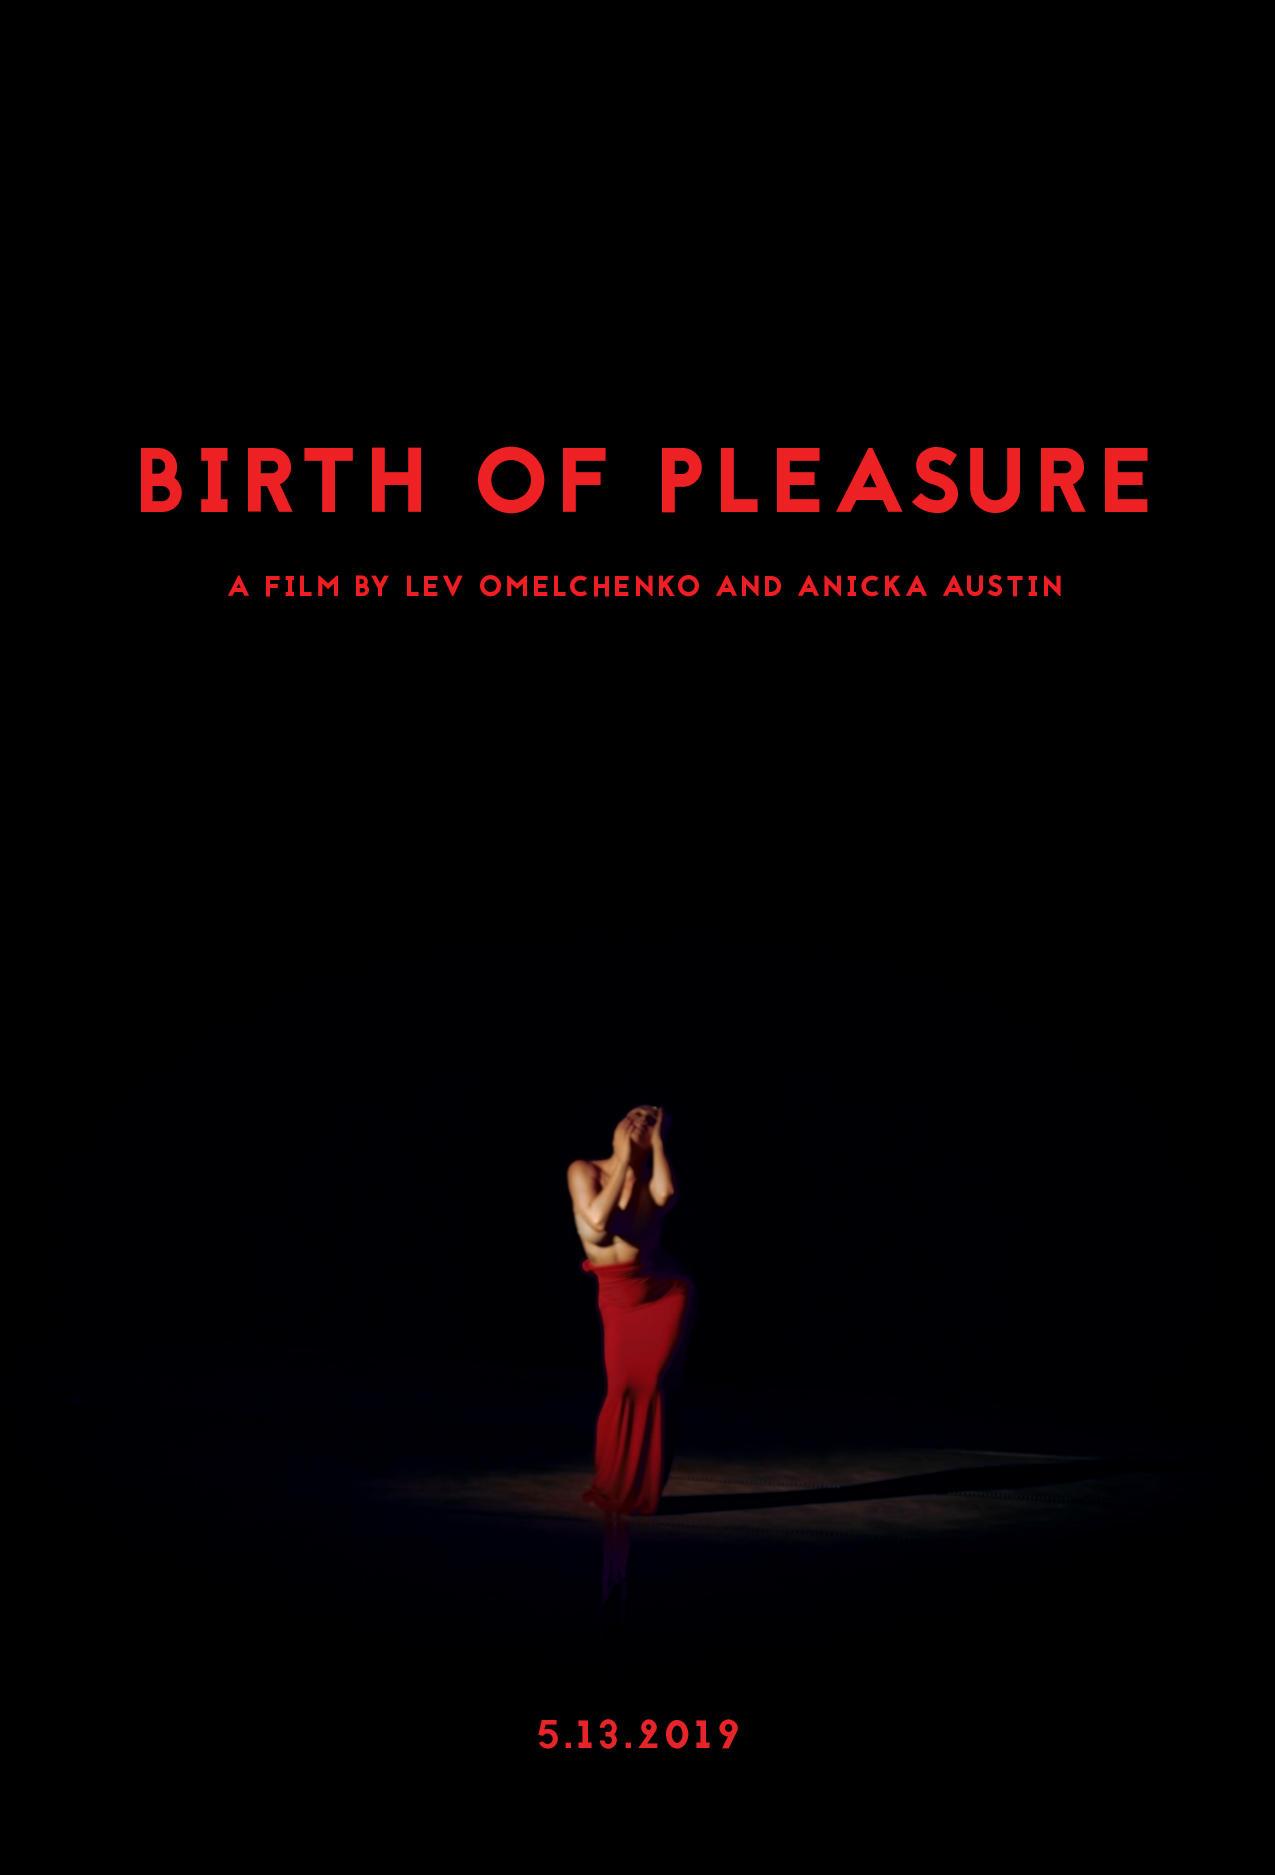 birth of pleasure